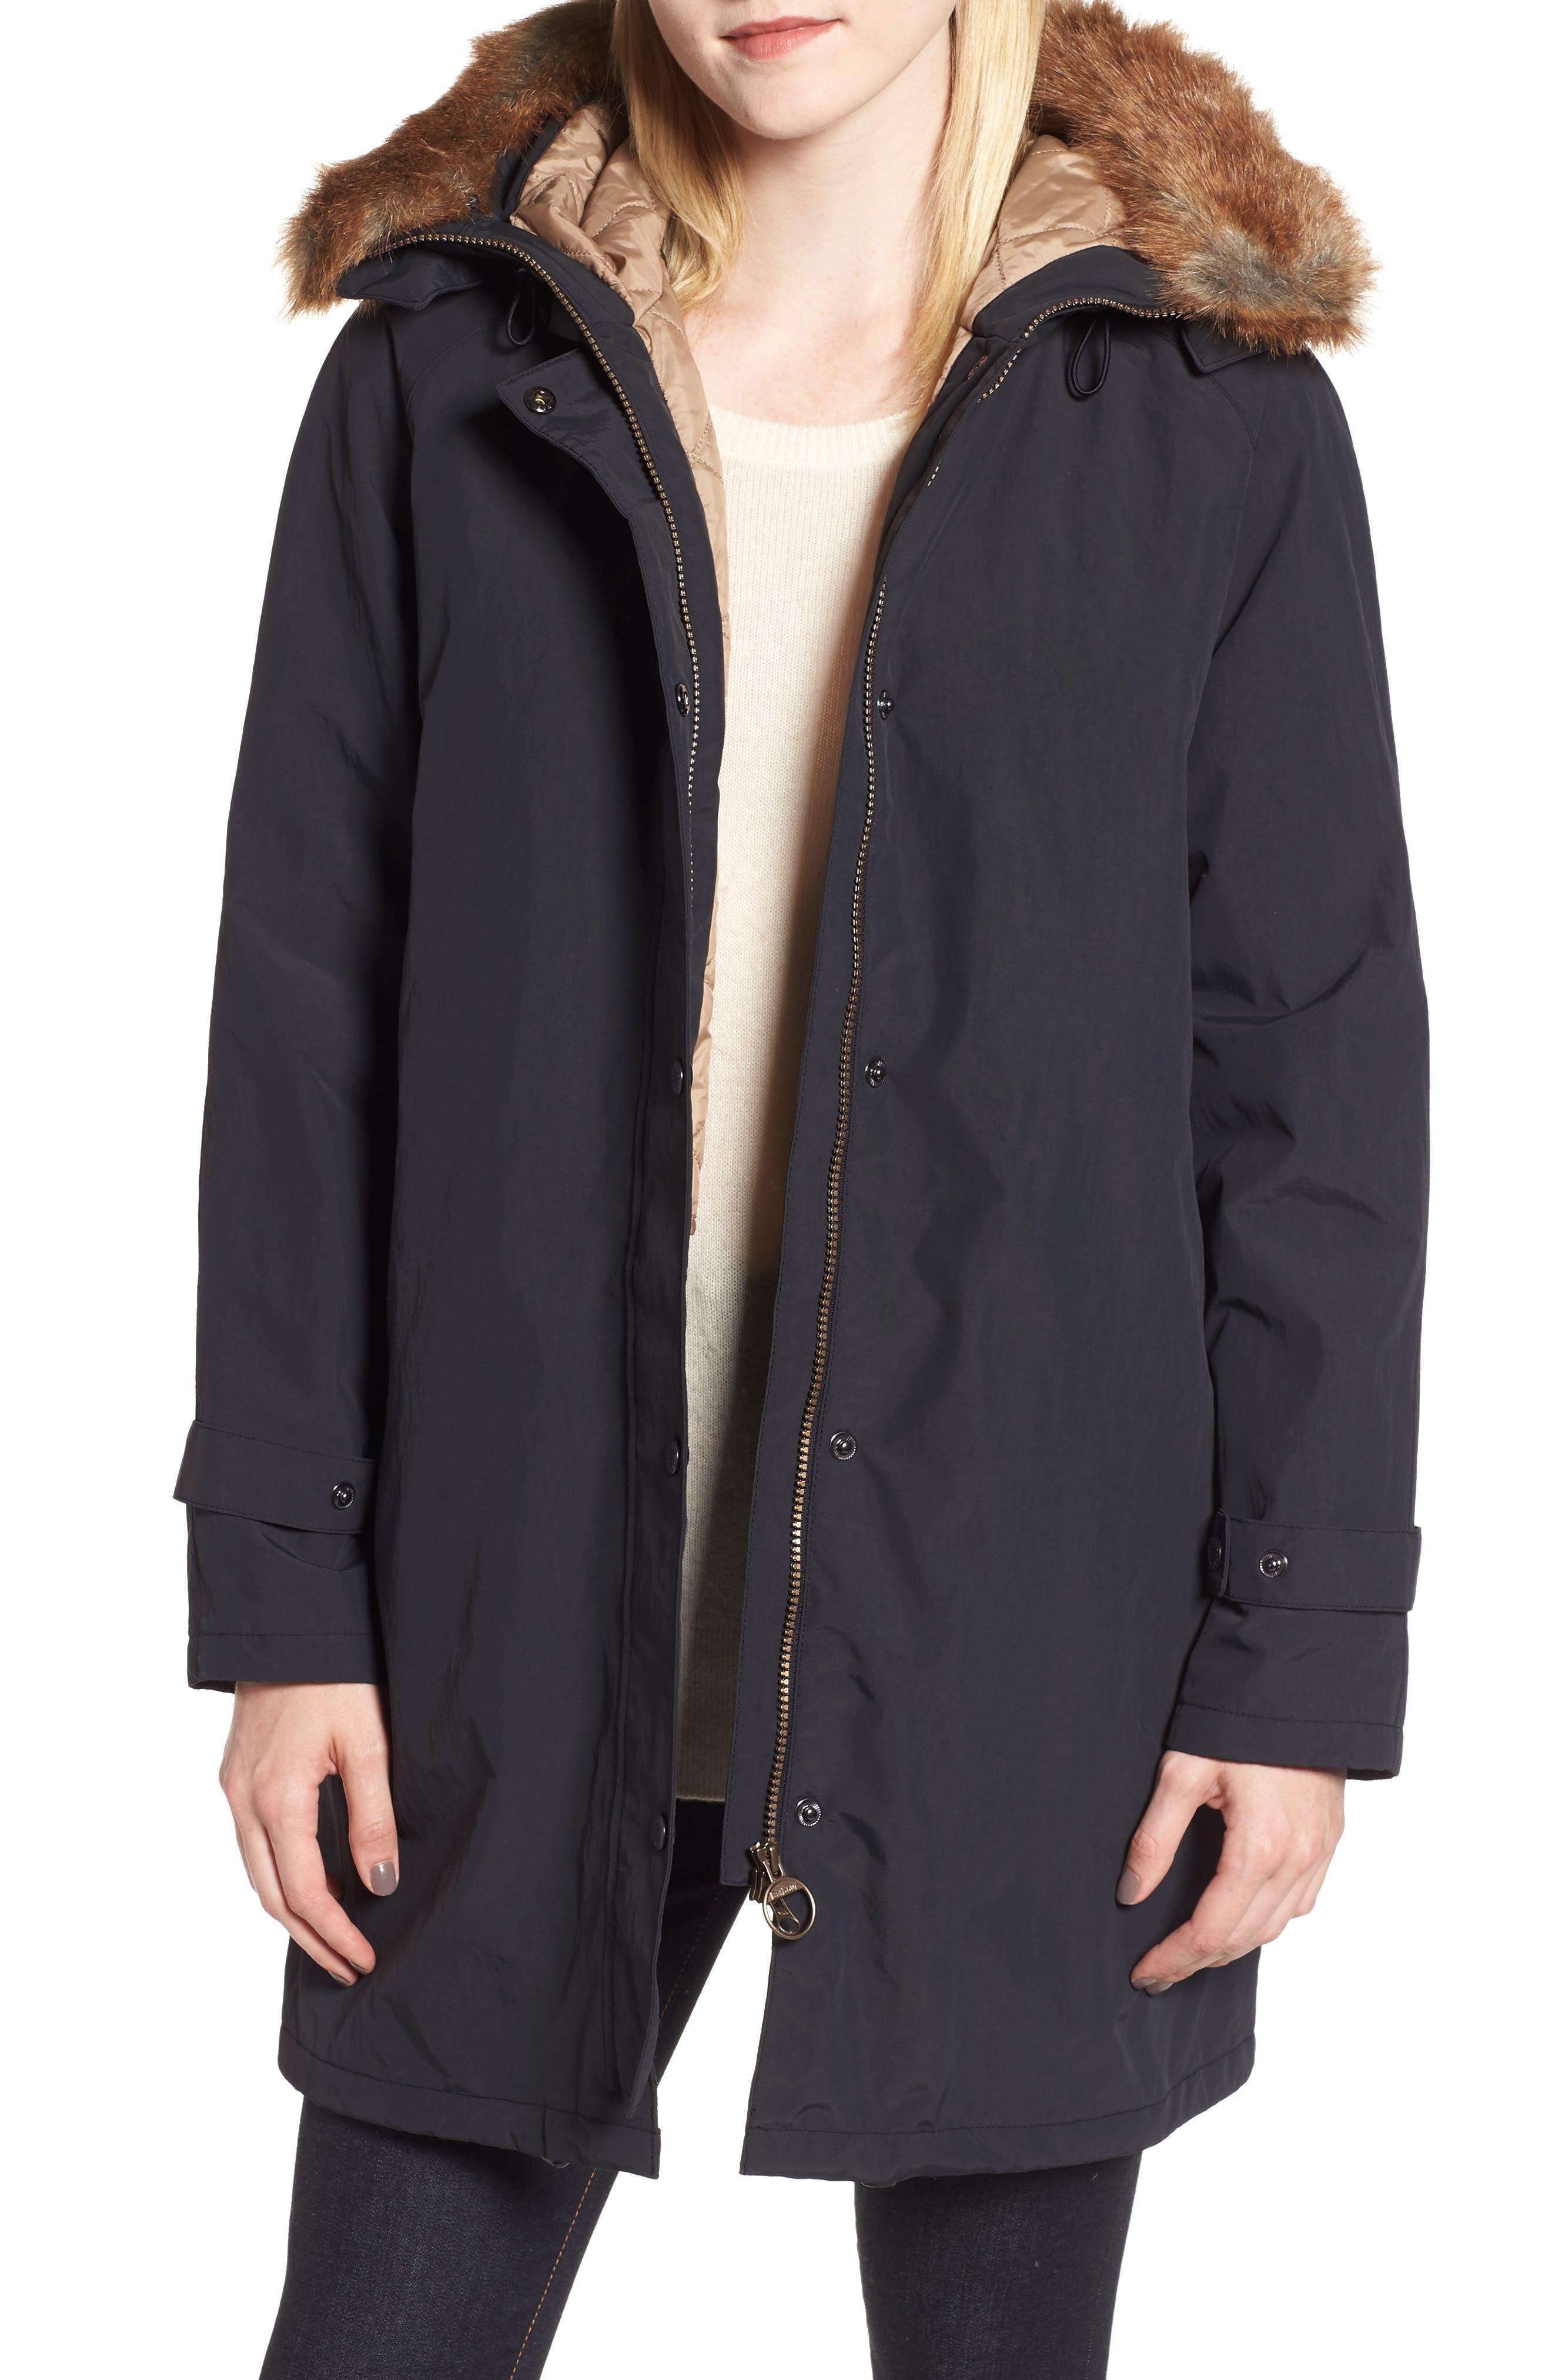 Dexy Jacket with Faux Fur Trim, Main, color, BLACK